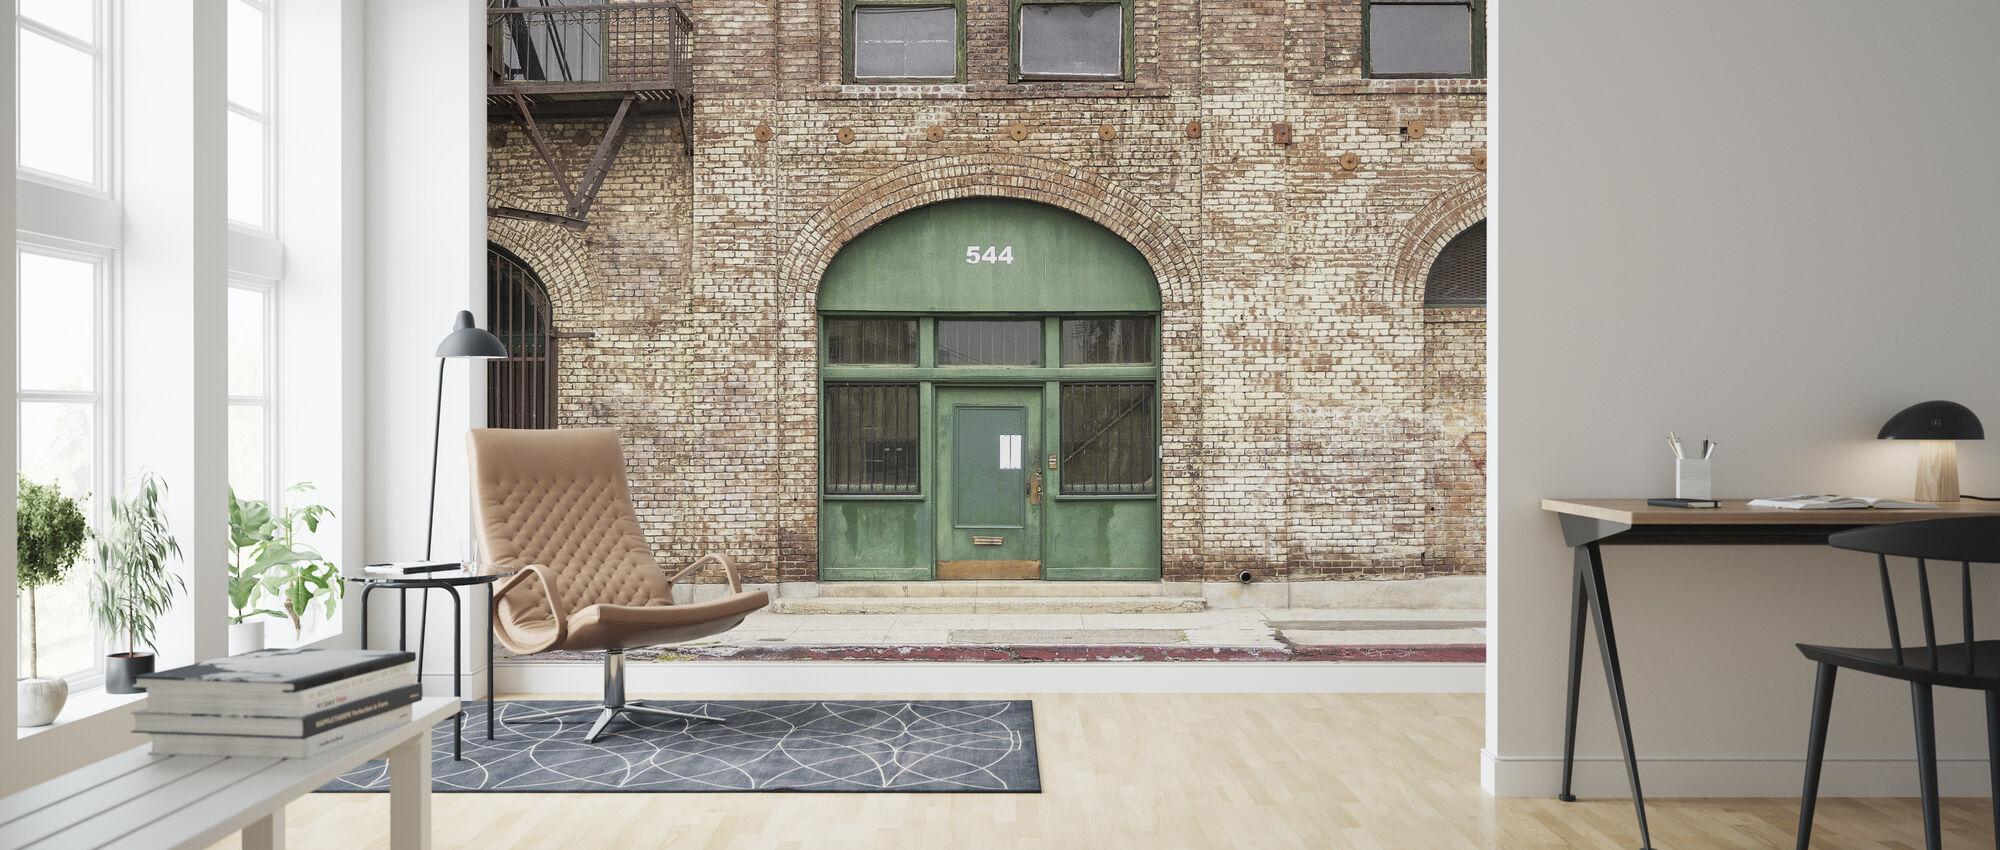 Gate Door - Wallpaper - Living Room